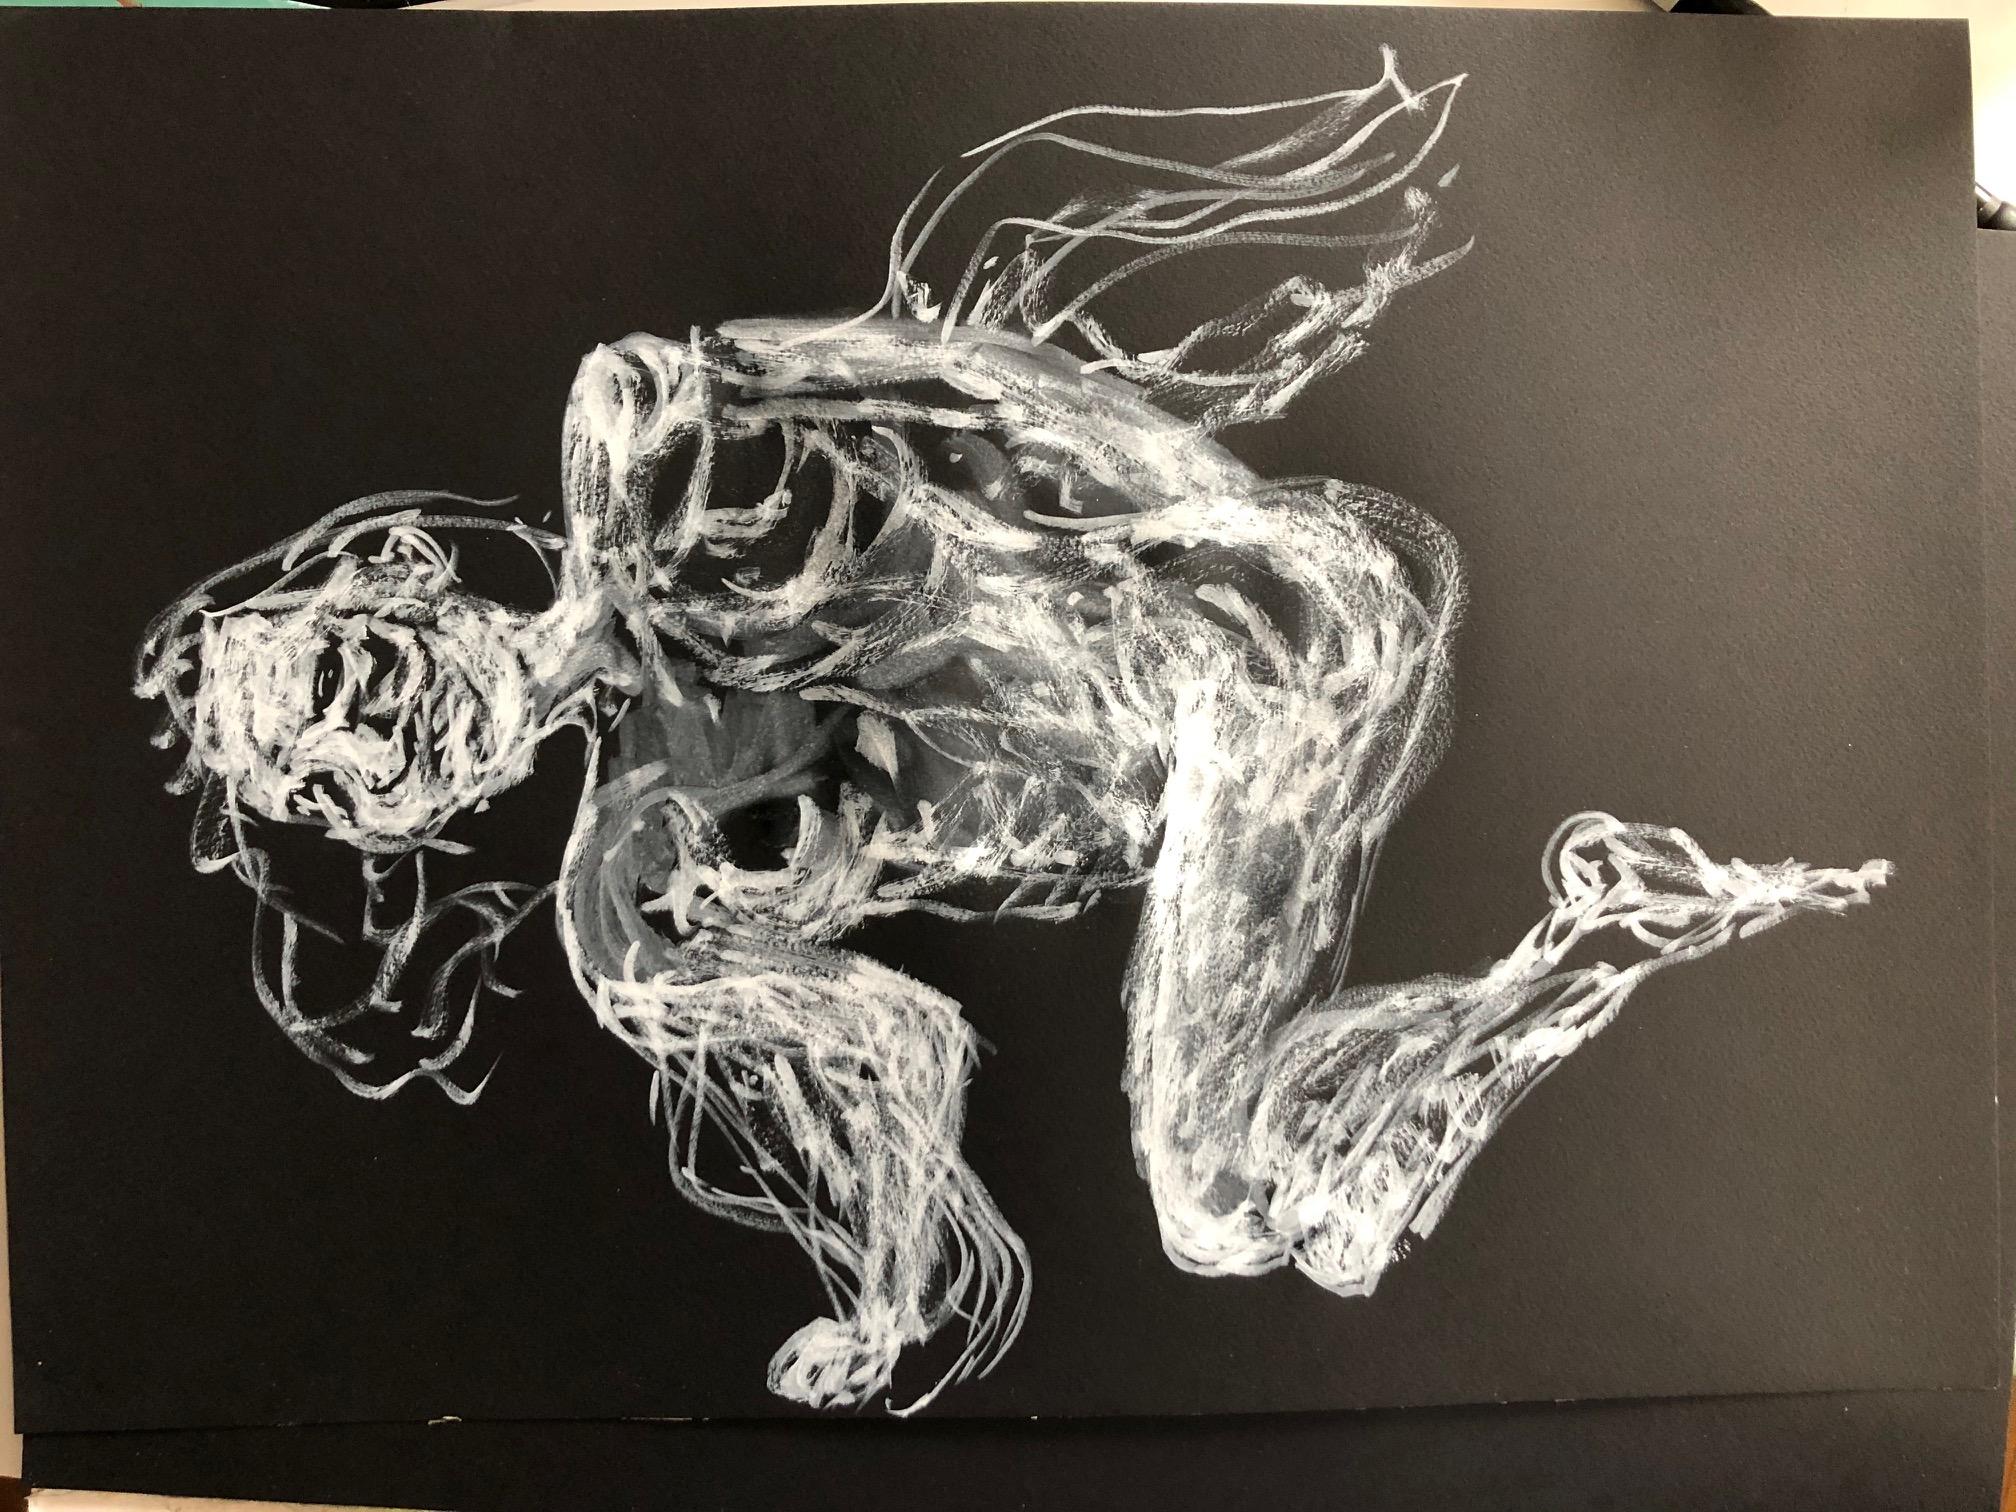 Dessin feutre blanc sur papier noir  cours de dessin